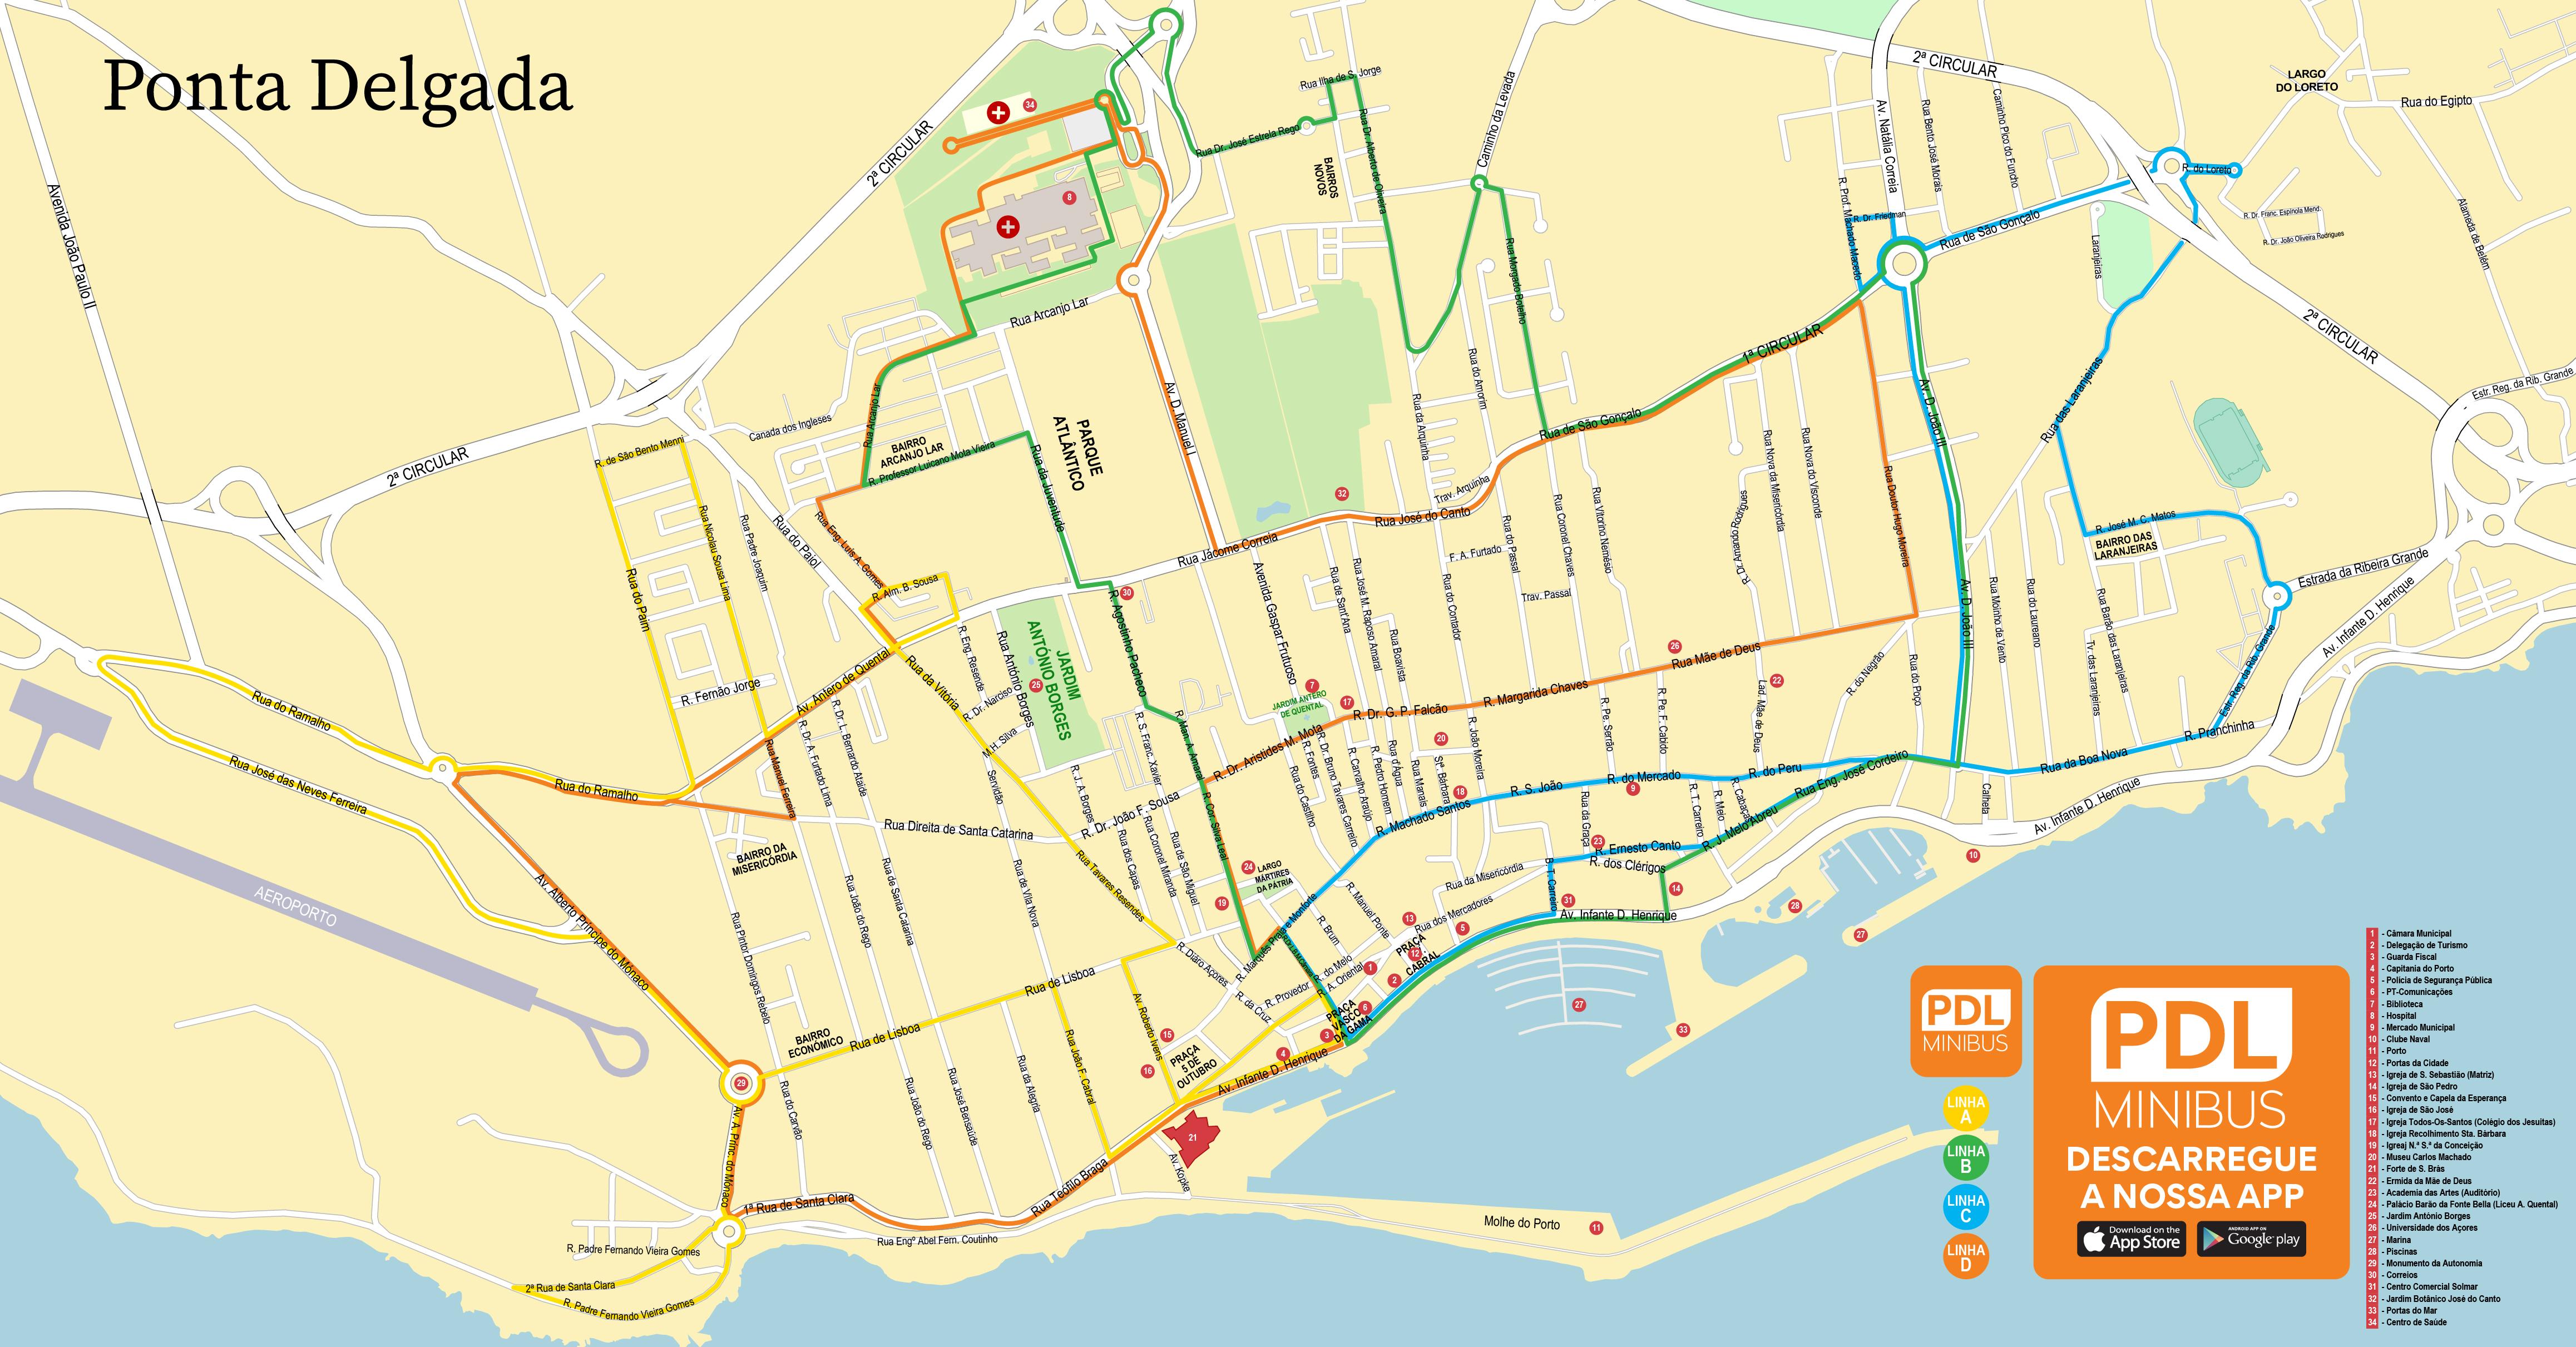 Câmara Municipal de Ponta Delgada – Urban Buses